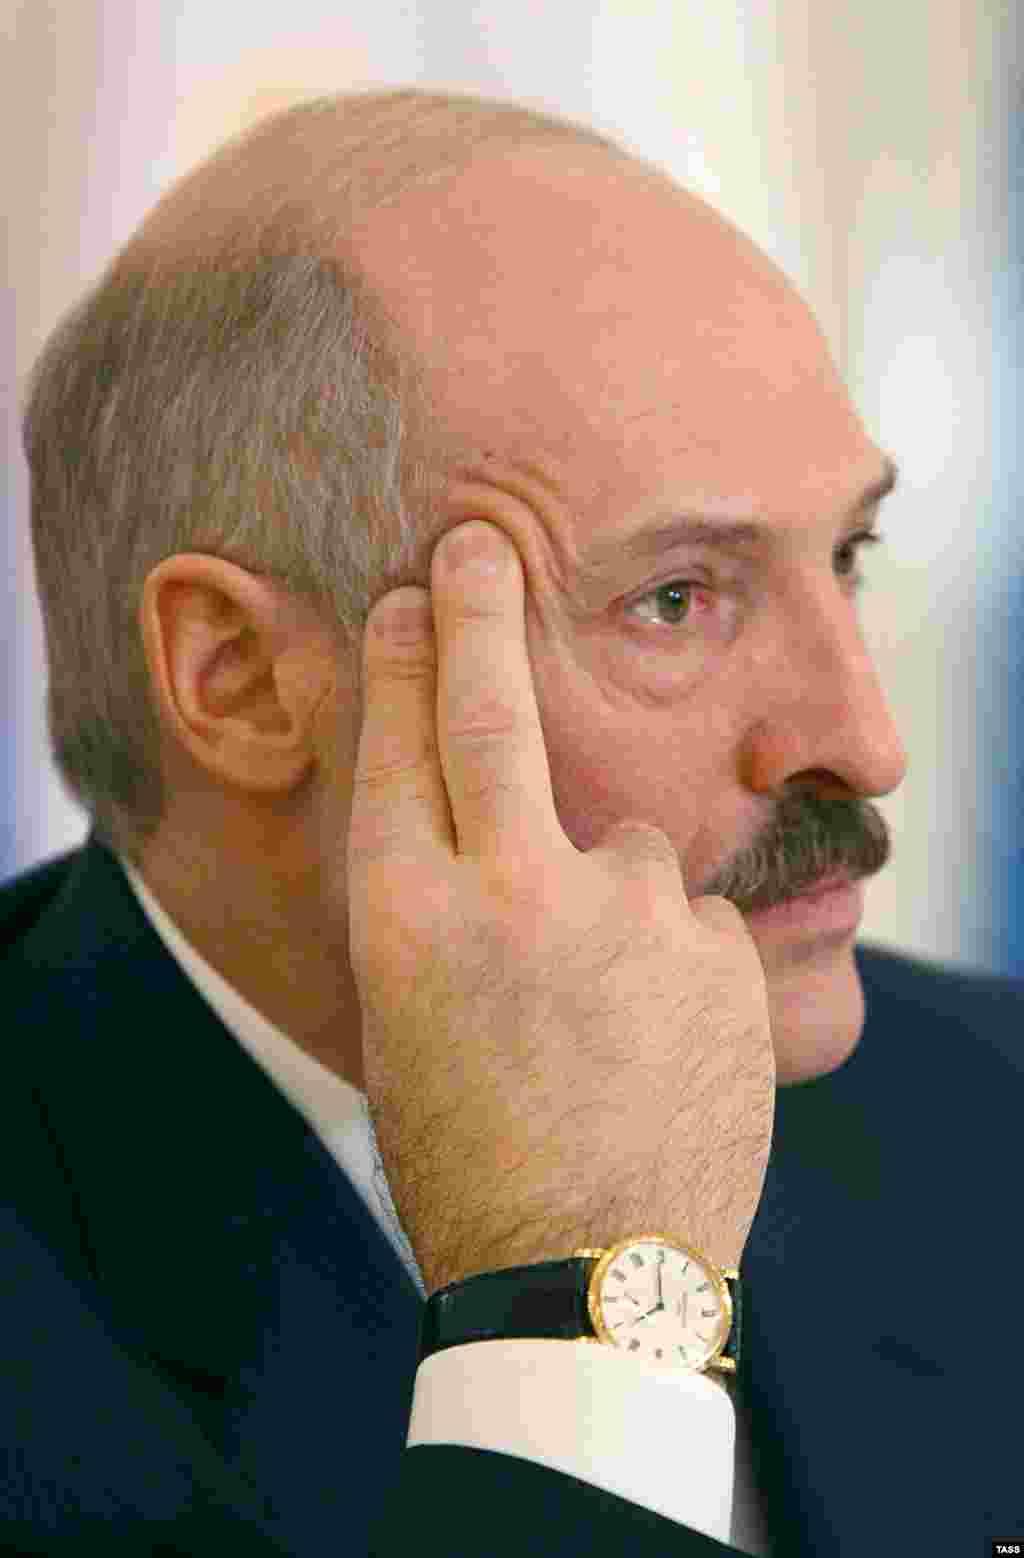 """""""Бережливый"""" президент Беларуси Александр Лукашенко с часами за 17 тысяч долларов. Источник: оппозиционная инициатива Хартия'97."""